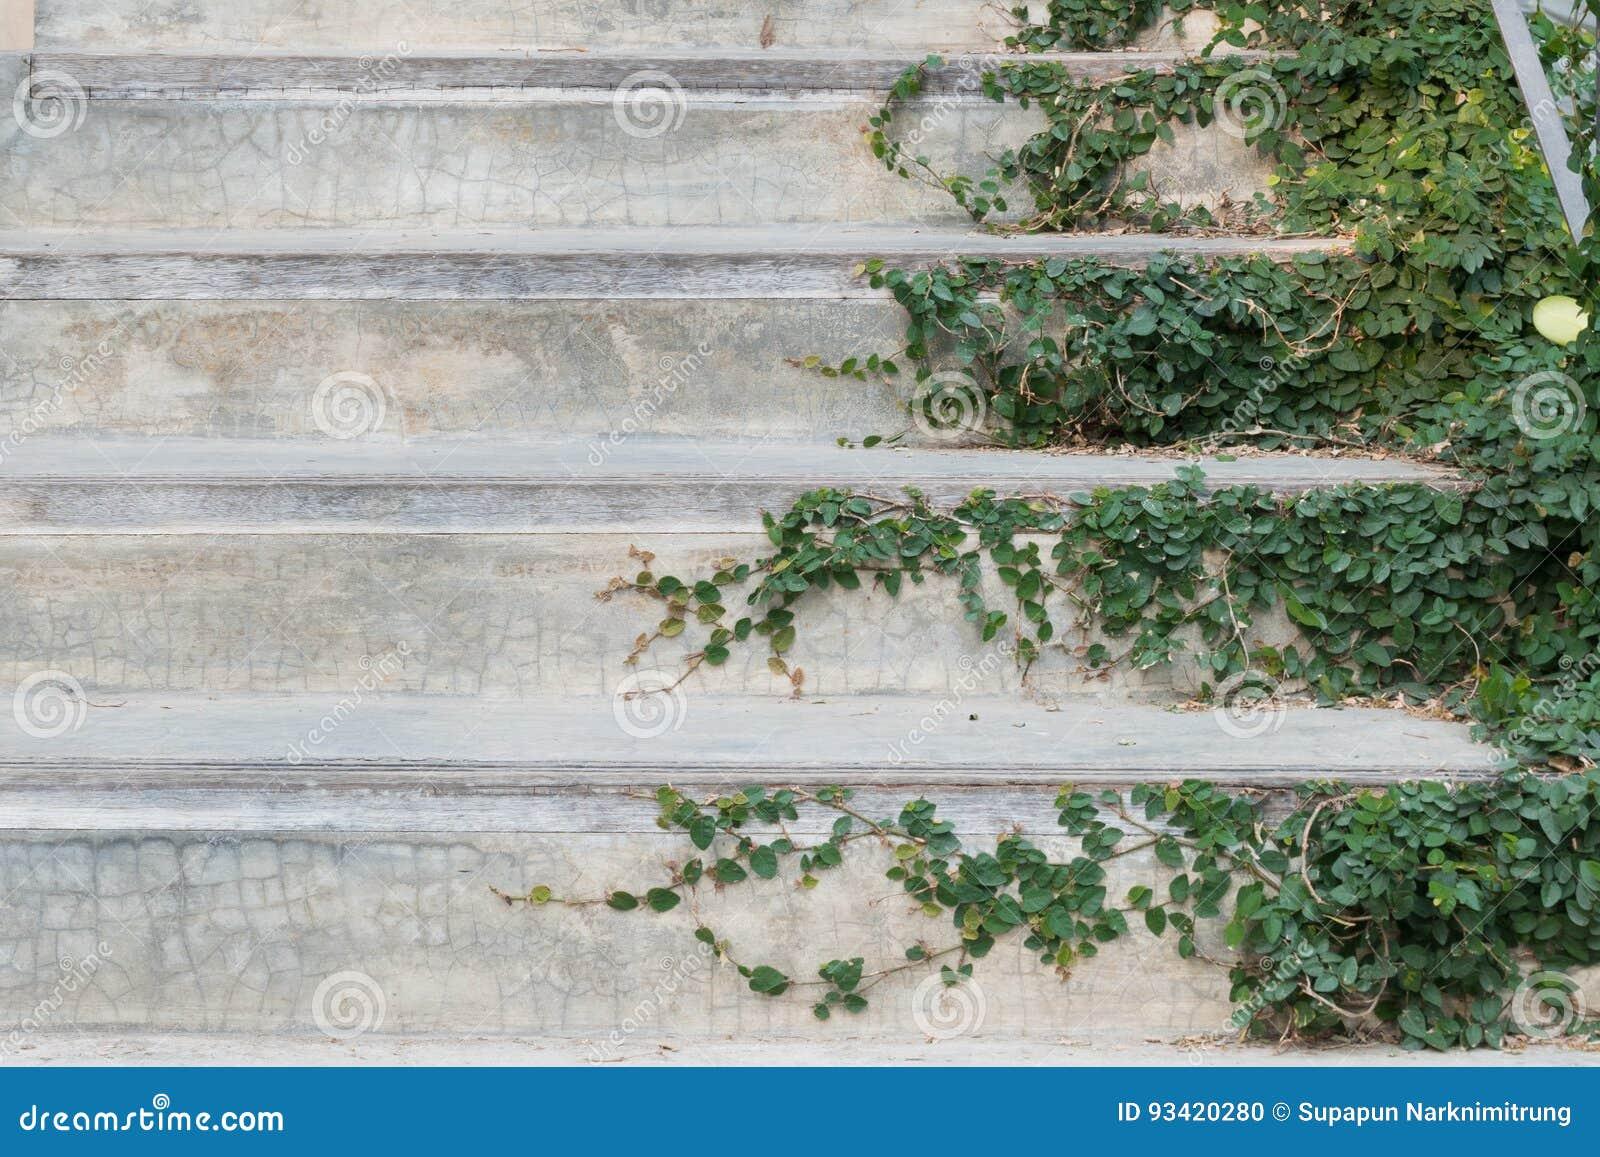 Τα άσπρα σκαλοπάτια τσιμέντου κάλυψαν το πράσινο φυτό κισσών φύλλων ιδέα σχεδίου εγχώριων διακοσμήσεων σπιτιών πρασινάδων